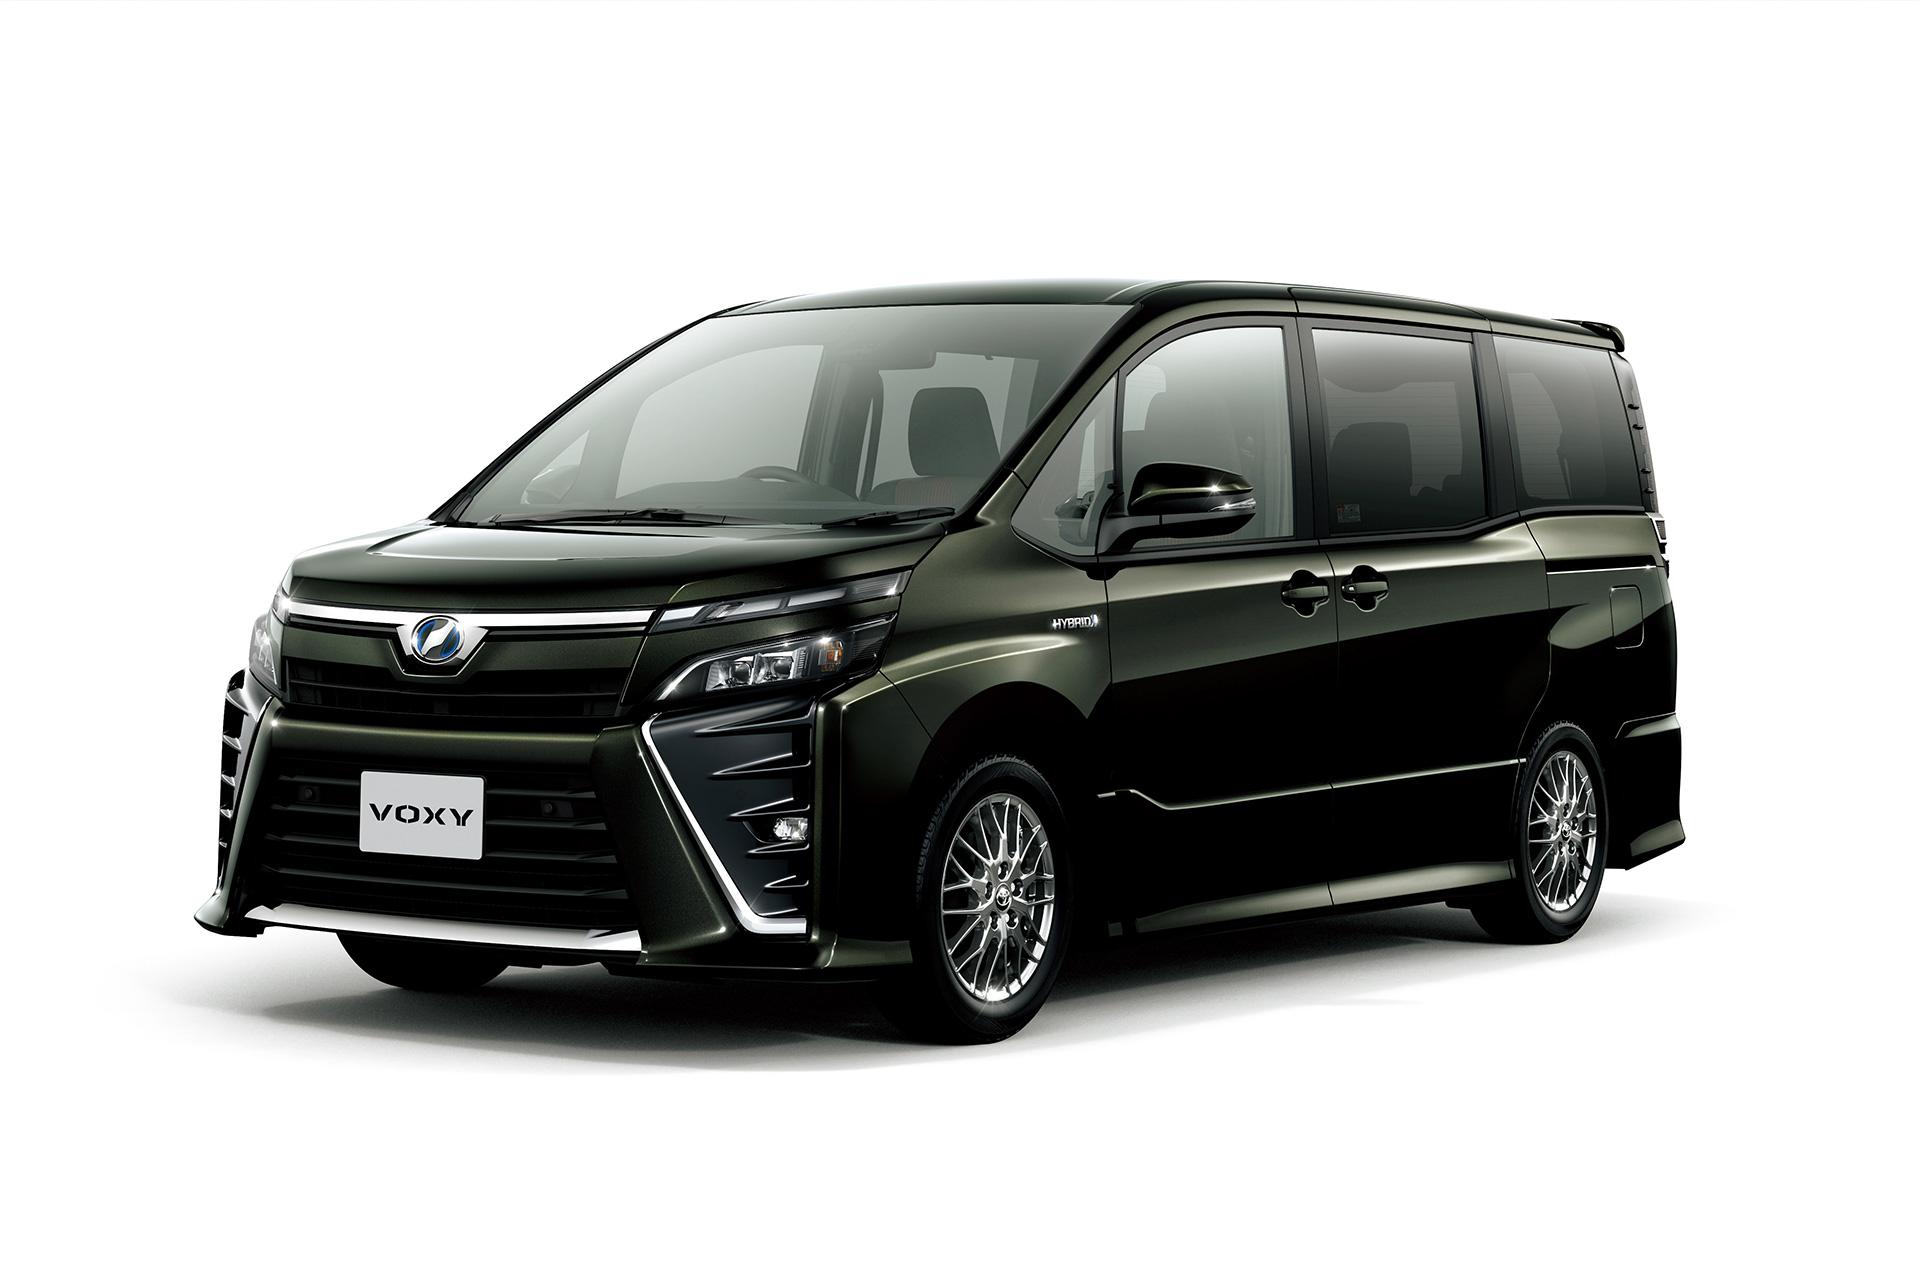 「【新車】トヨタのMクラスミニバン「ヴォクシー」「ノア」「エスクァイア」が先進安全機能を向上」の8枚目の画像